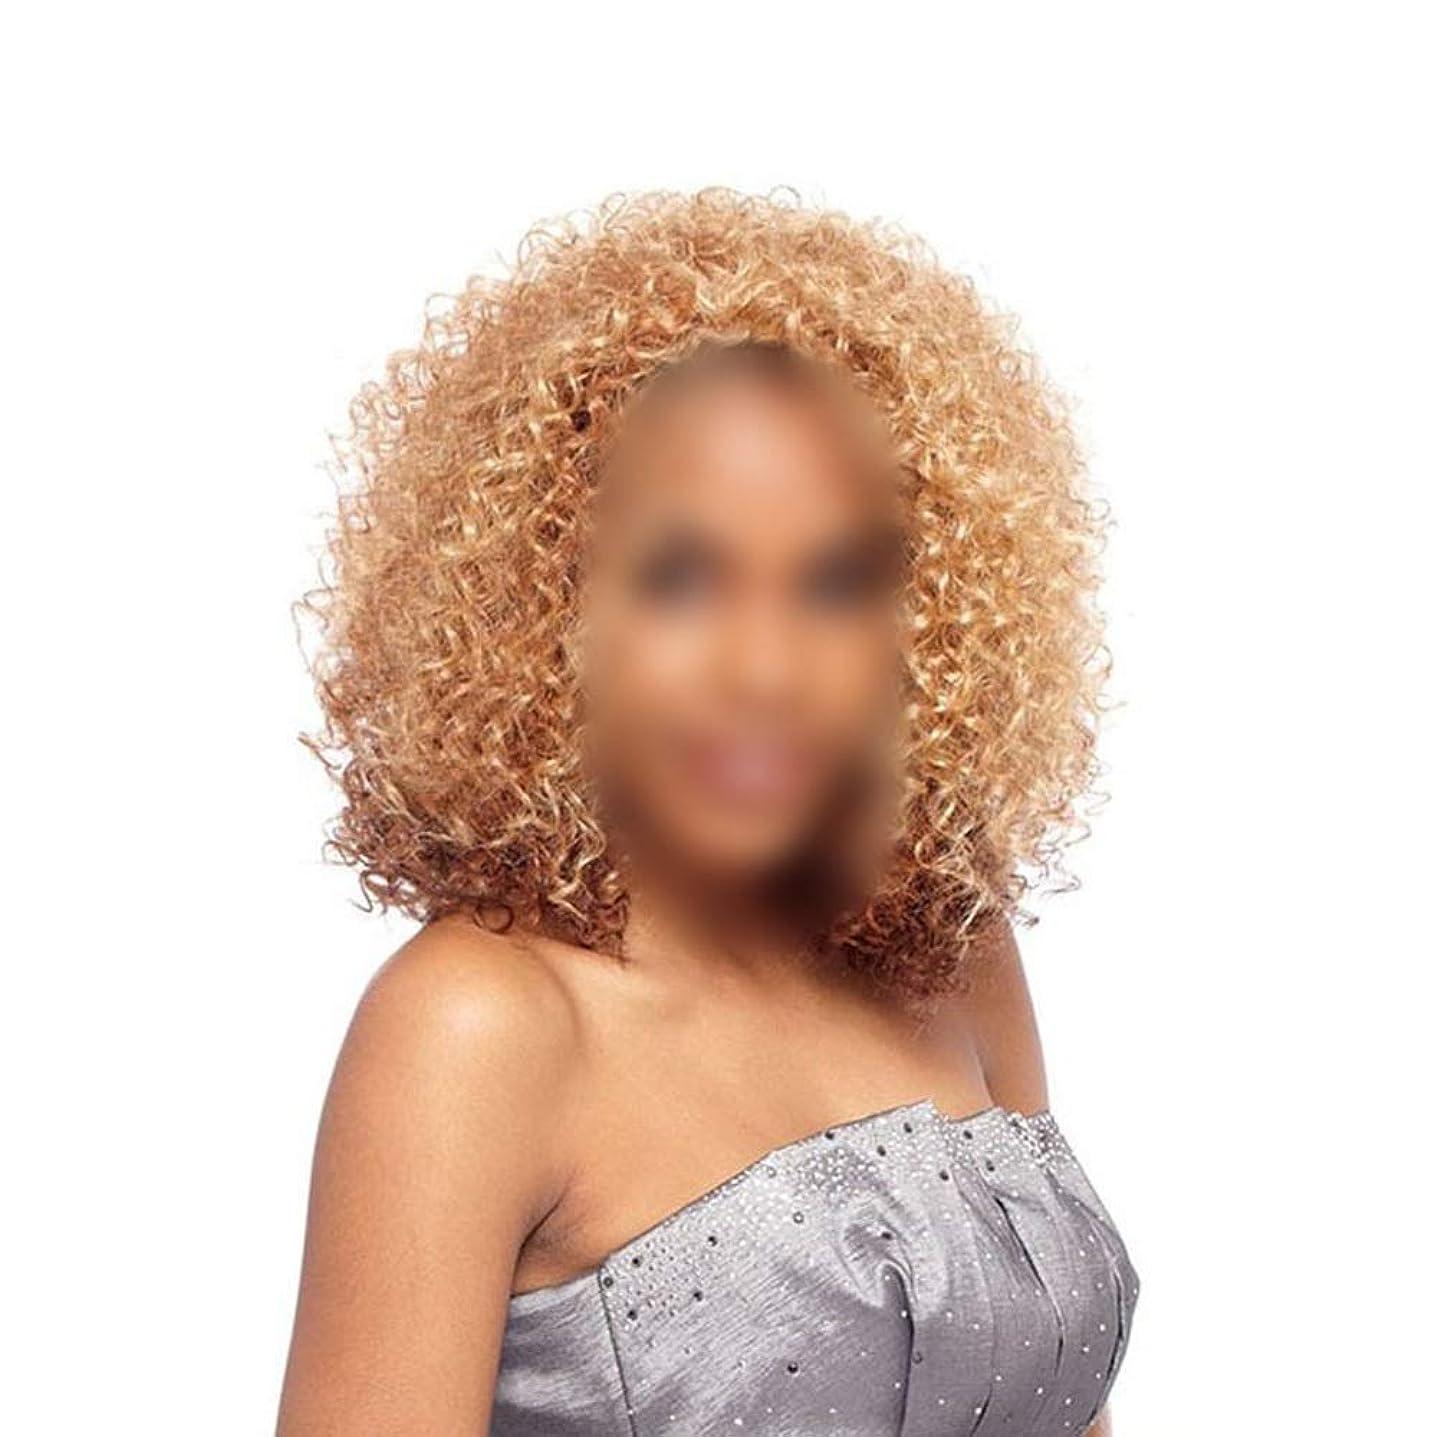 露ダーリン急勾配のYrattary 短い爆発的なヘッド合成女性かつら肩の長さ耐熱パーティーかつら+日常生活+無料かつらキャップ女性用合成かつらレースかつらロールプレイングかつら (色 : Blonde, サイズ : 40cm)